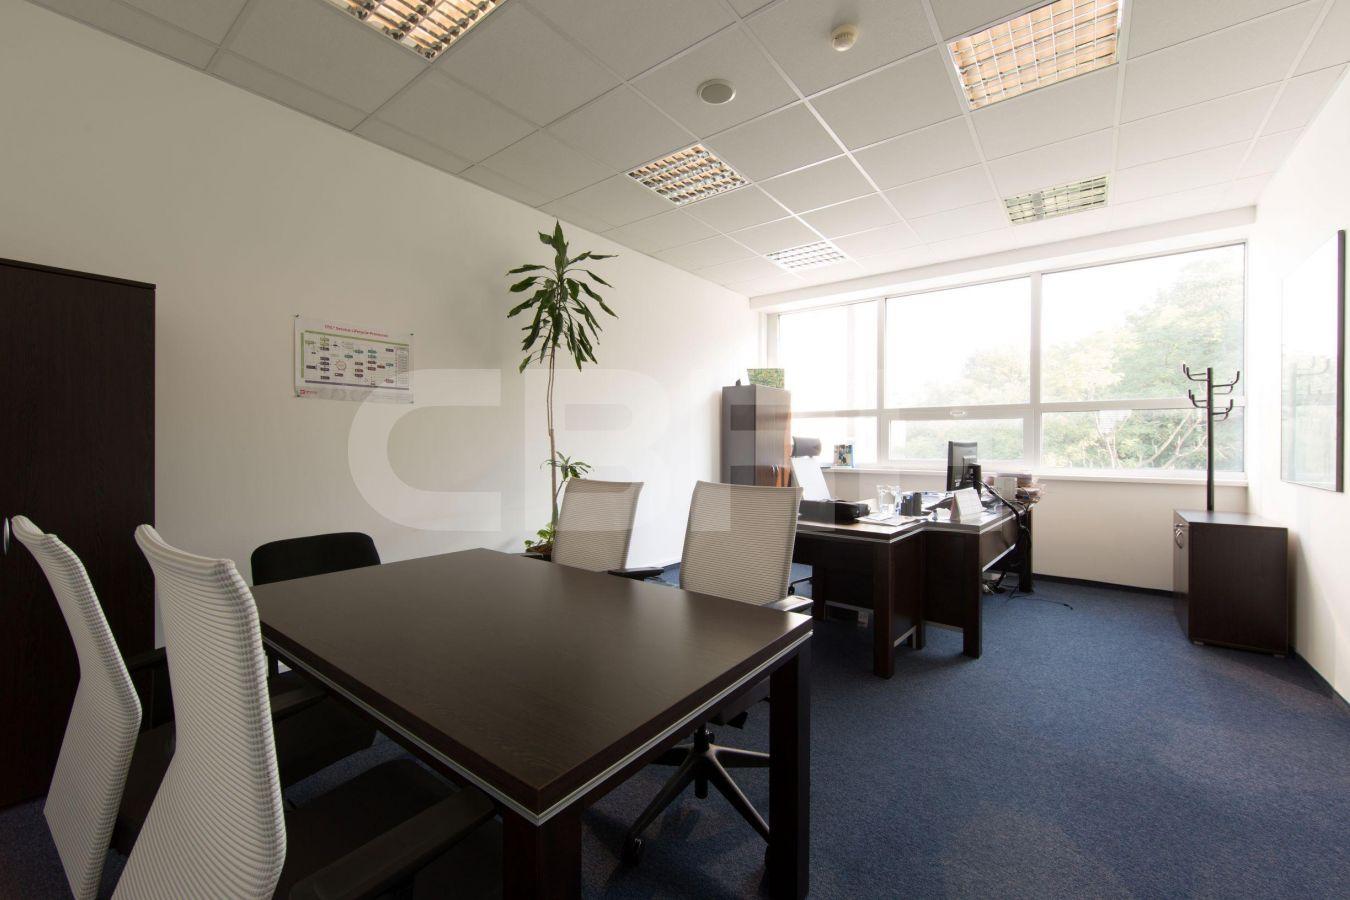 Slávičie údolie 106, Bratislava - Staré Mesto | Offices for rent by CBRE | 3